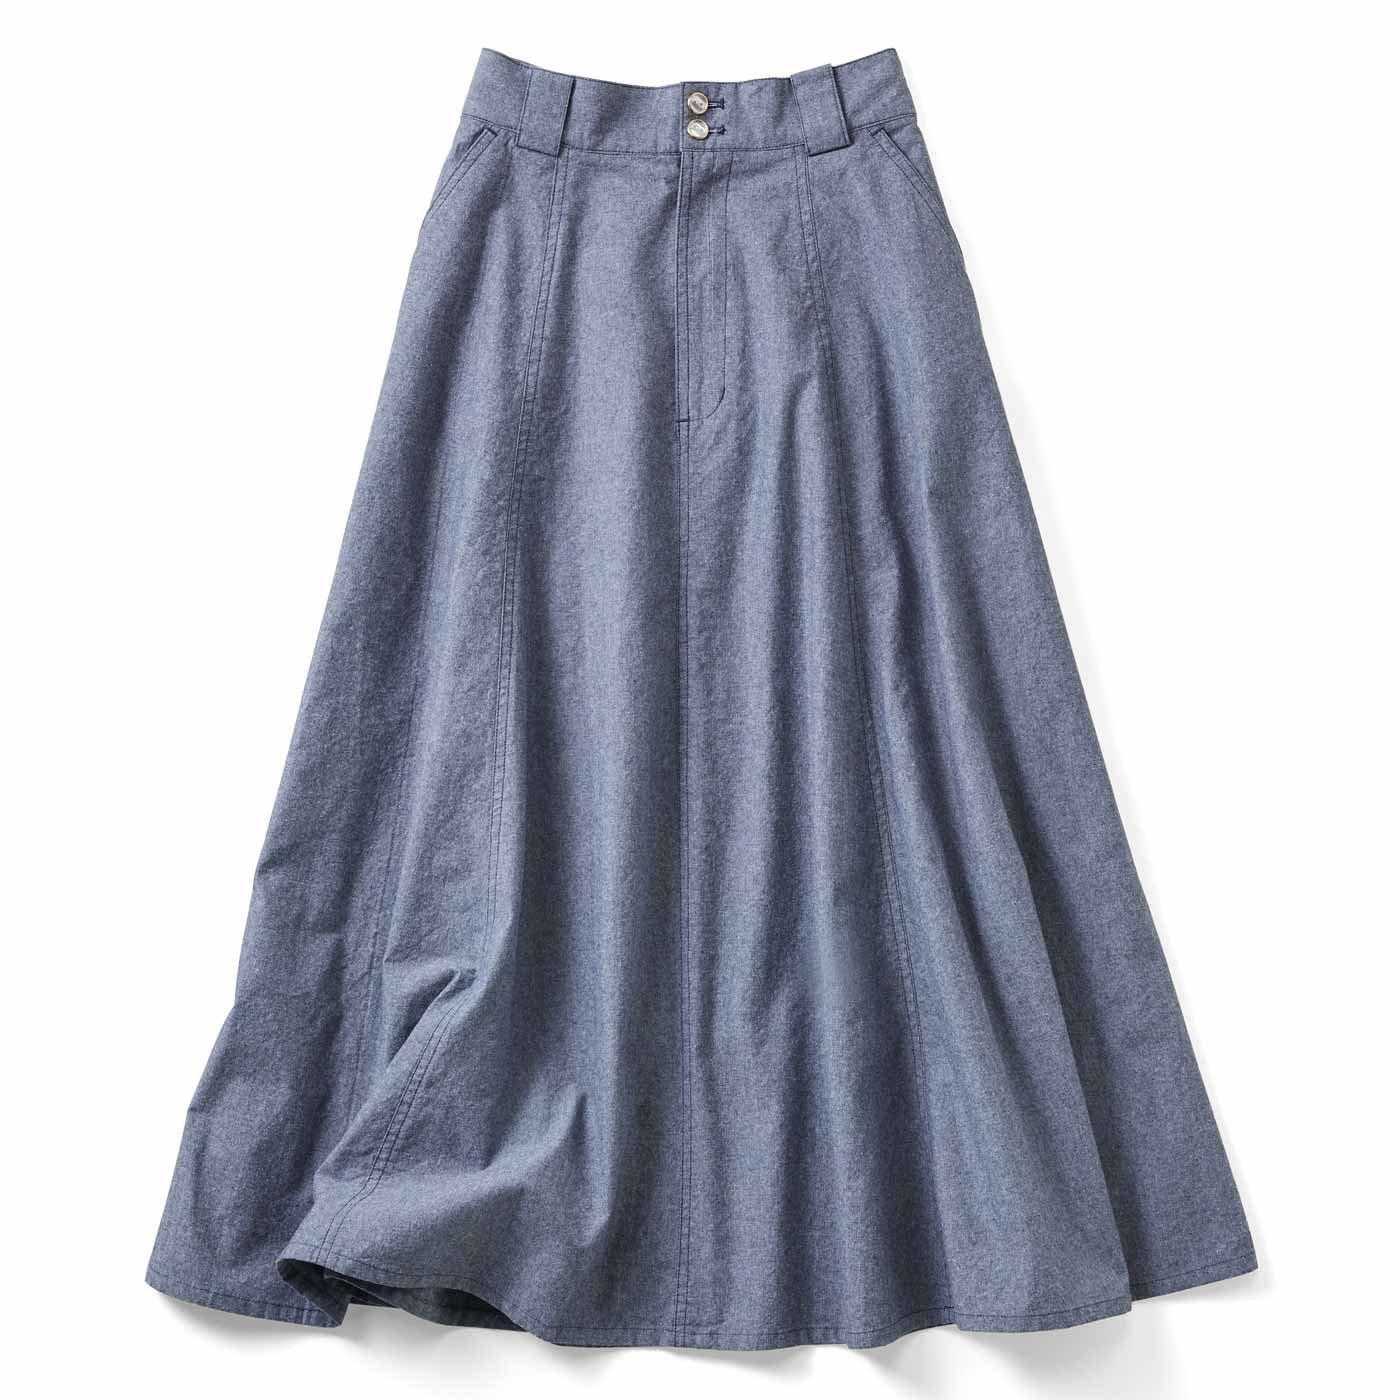 IEDIT[イディット] シャンブレーフレアーロングスカート〈グレイッシュブルー〉